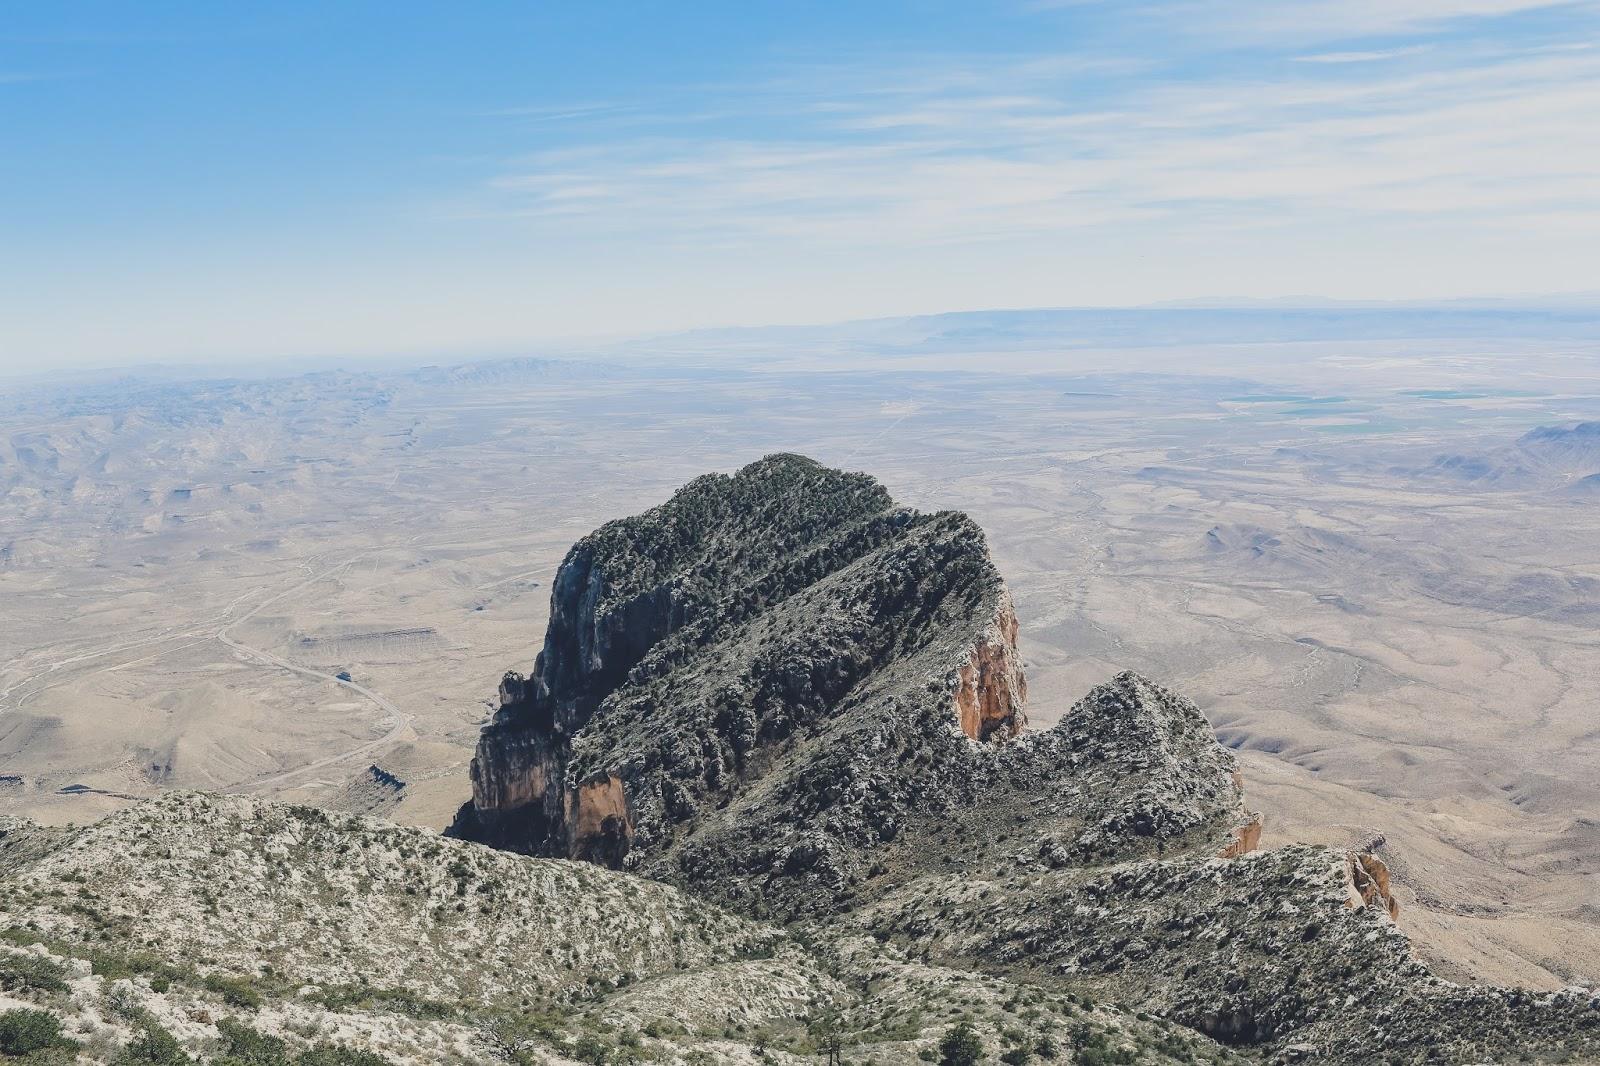 Guadalupe Peak National Park